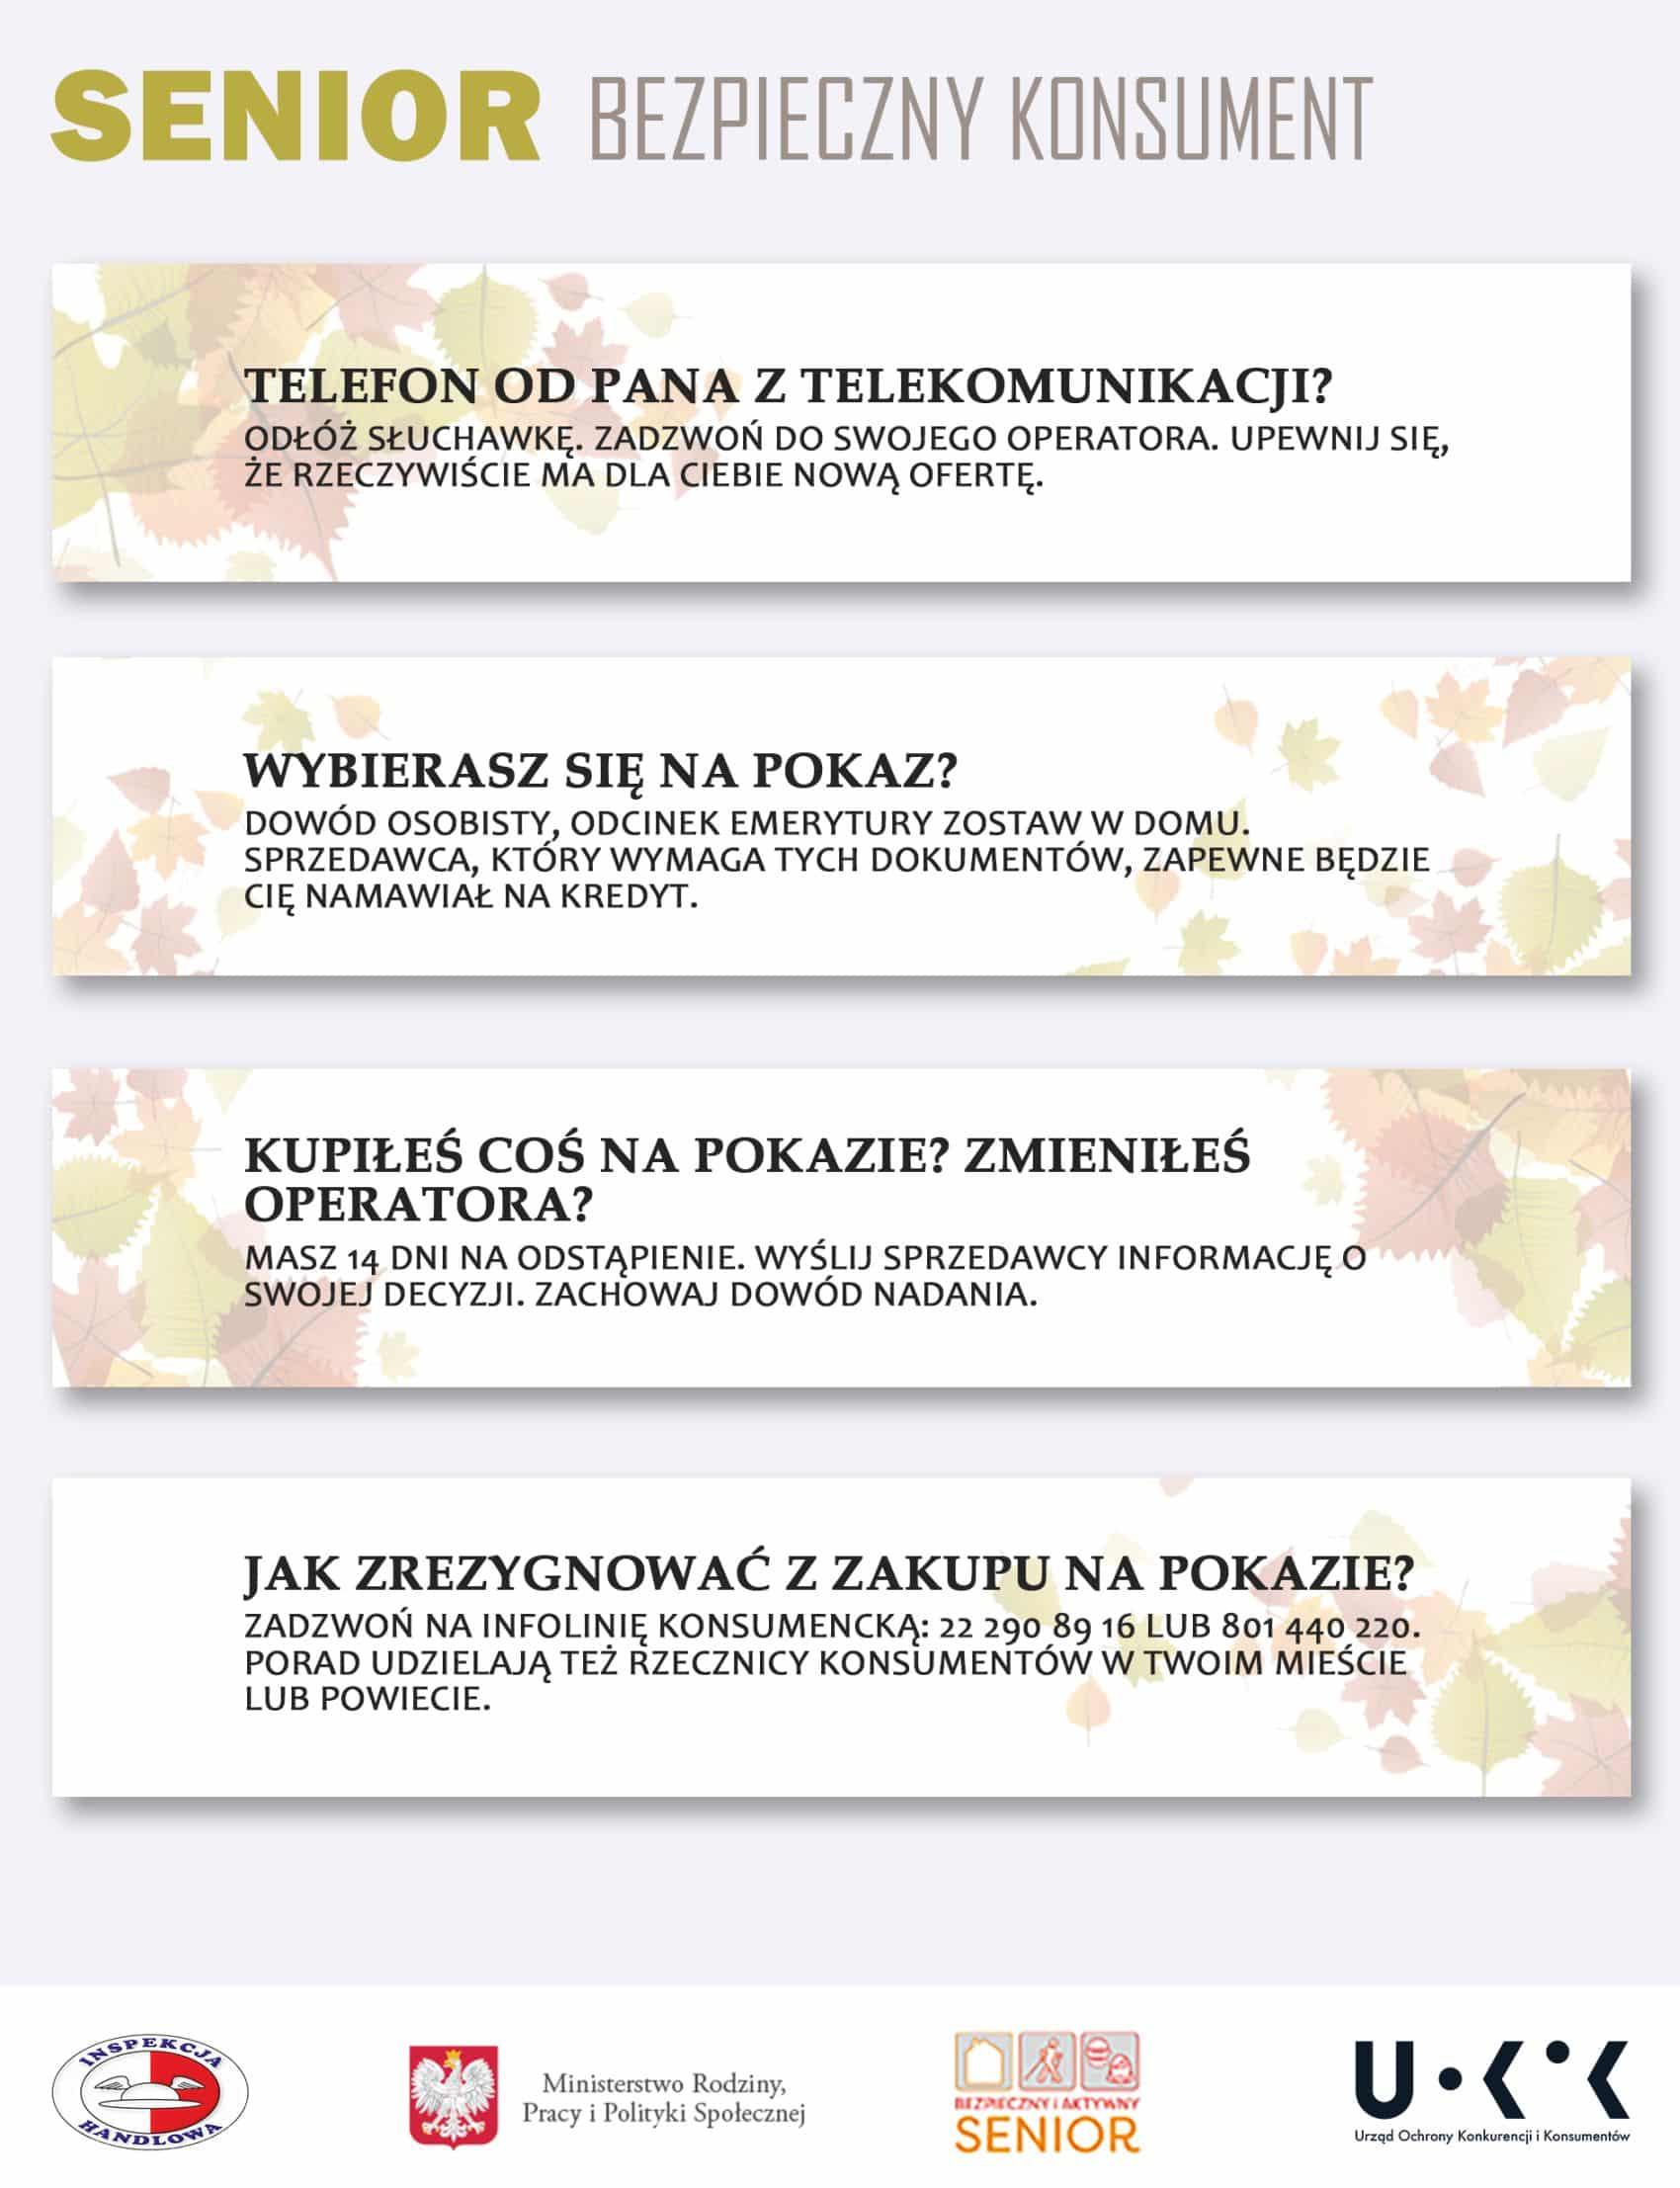 Źródło: uokik.gov.pl